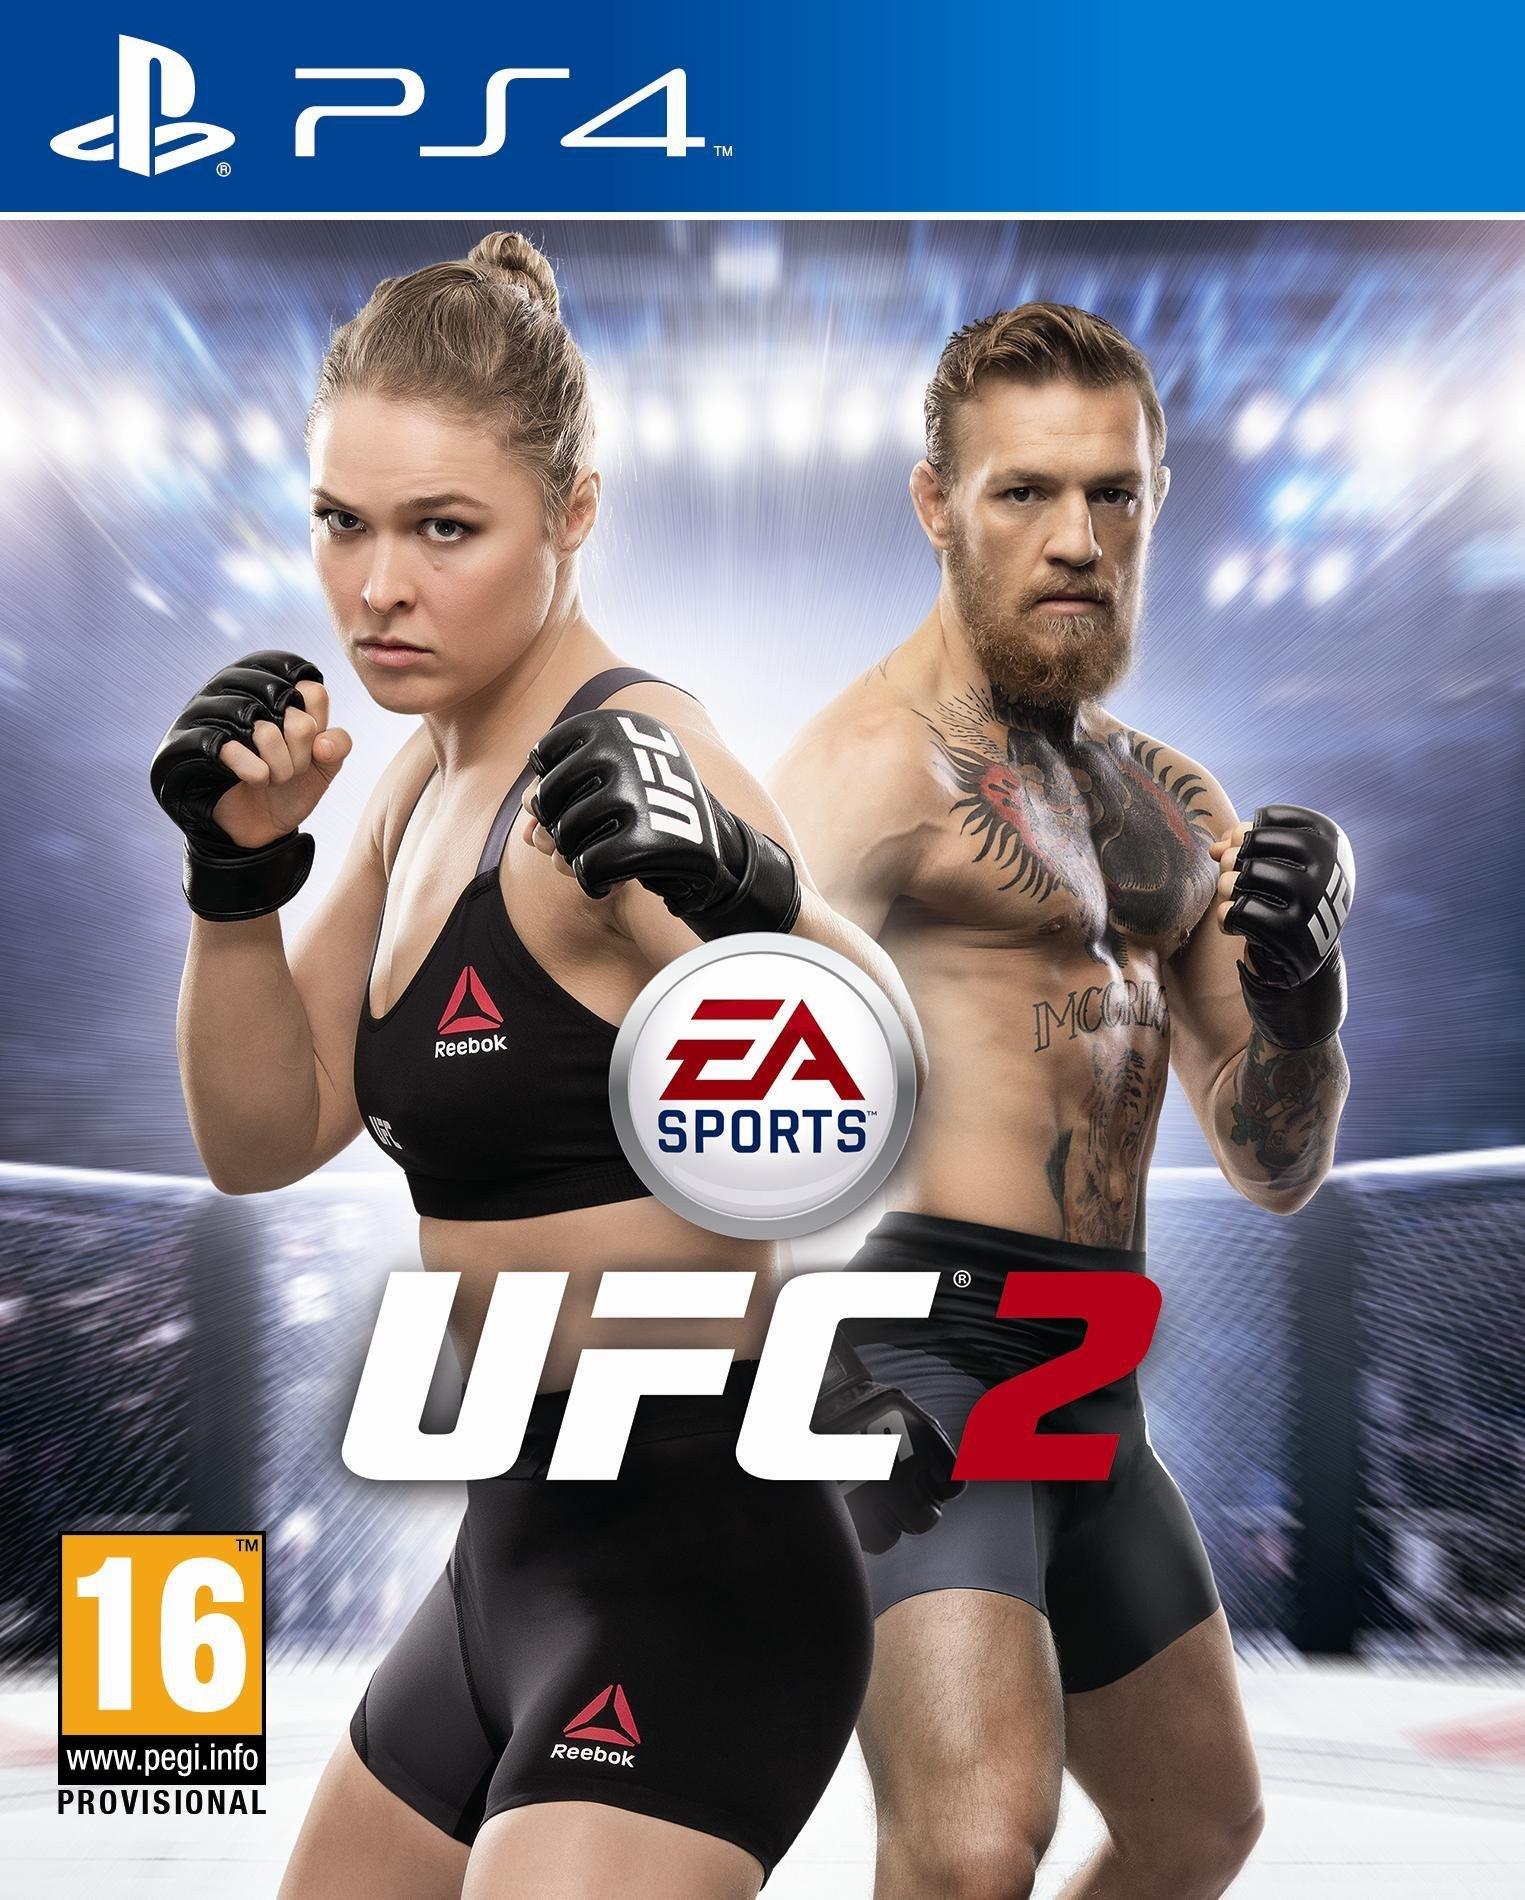 EA SPORTS UFC 2. Первые впечатления.  - Изображение 1